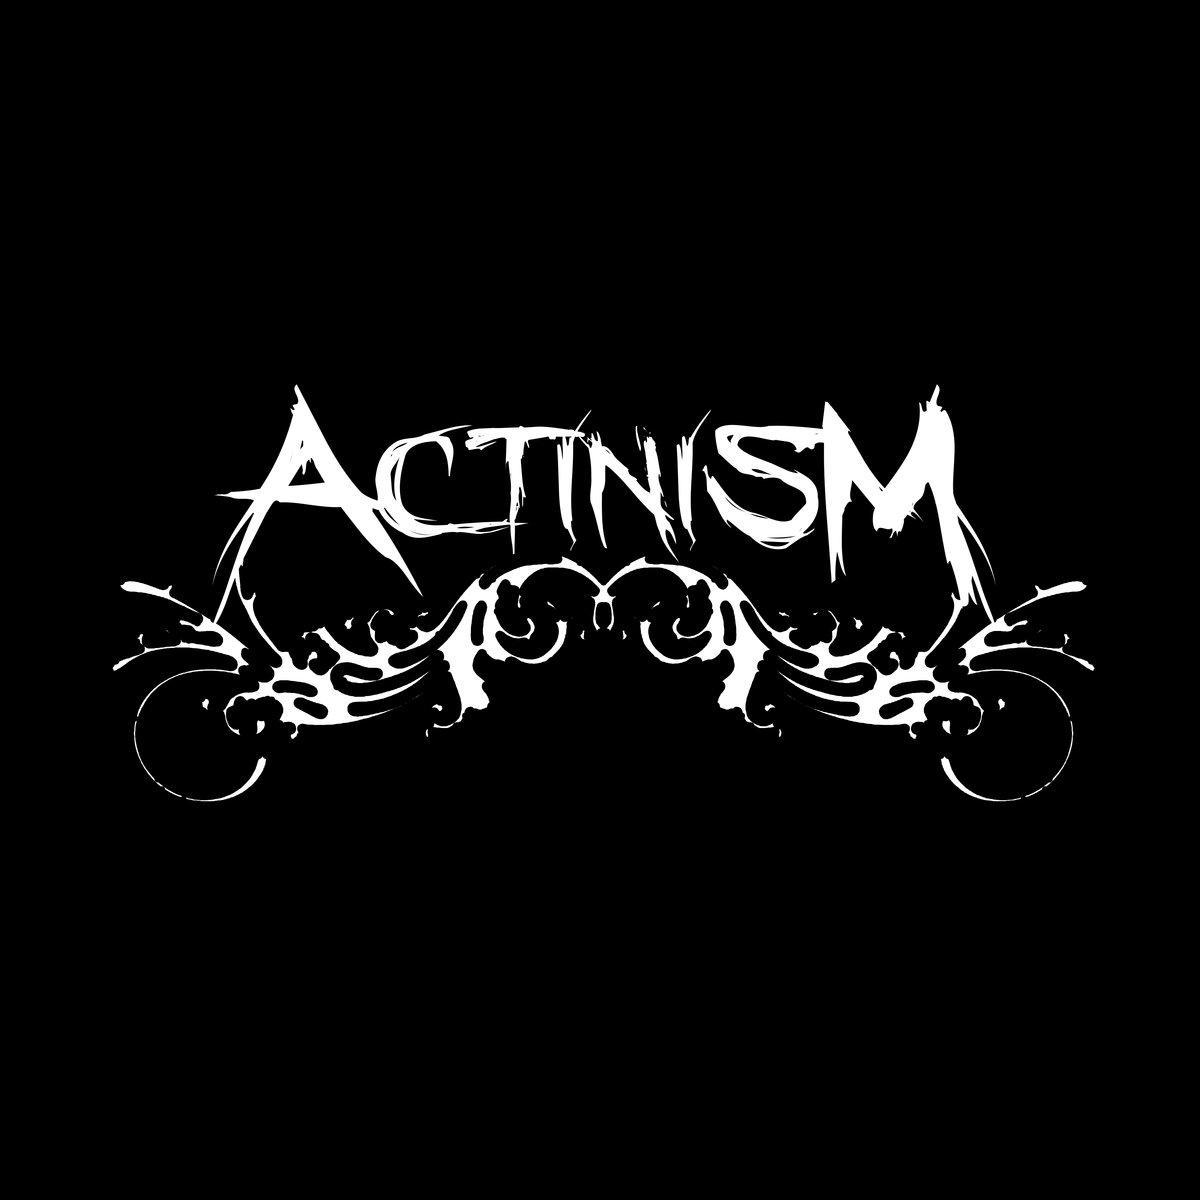 actinism